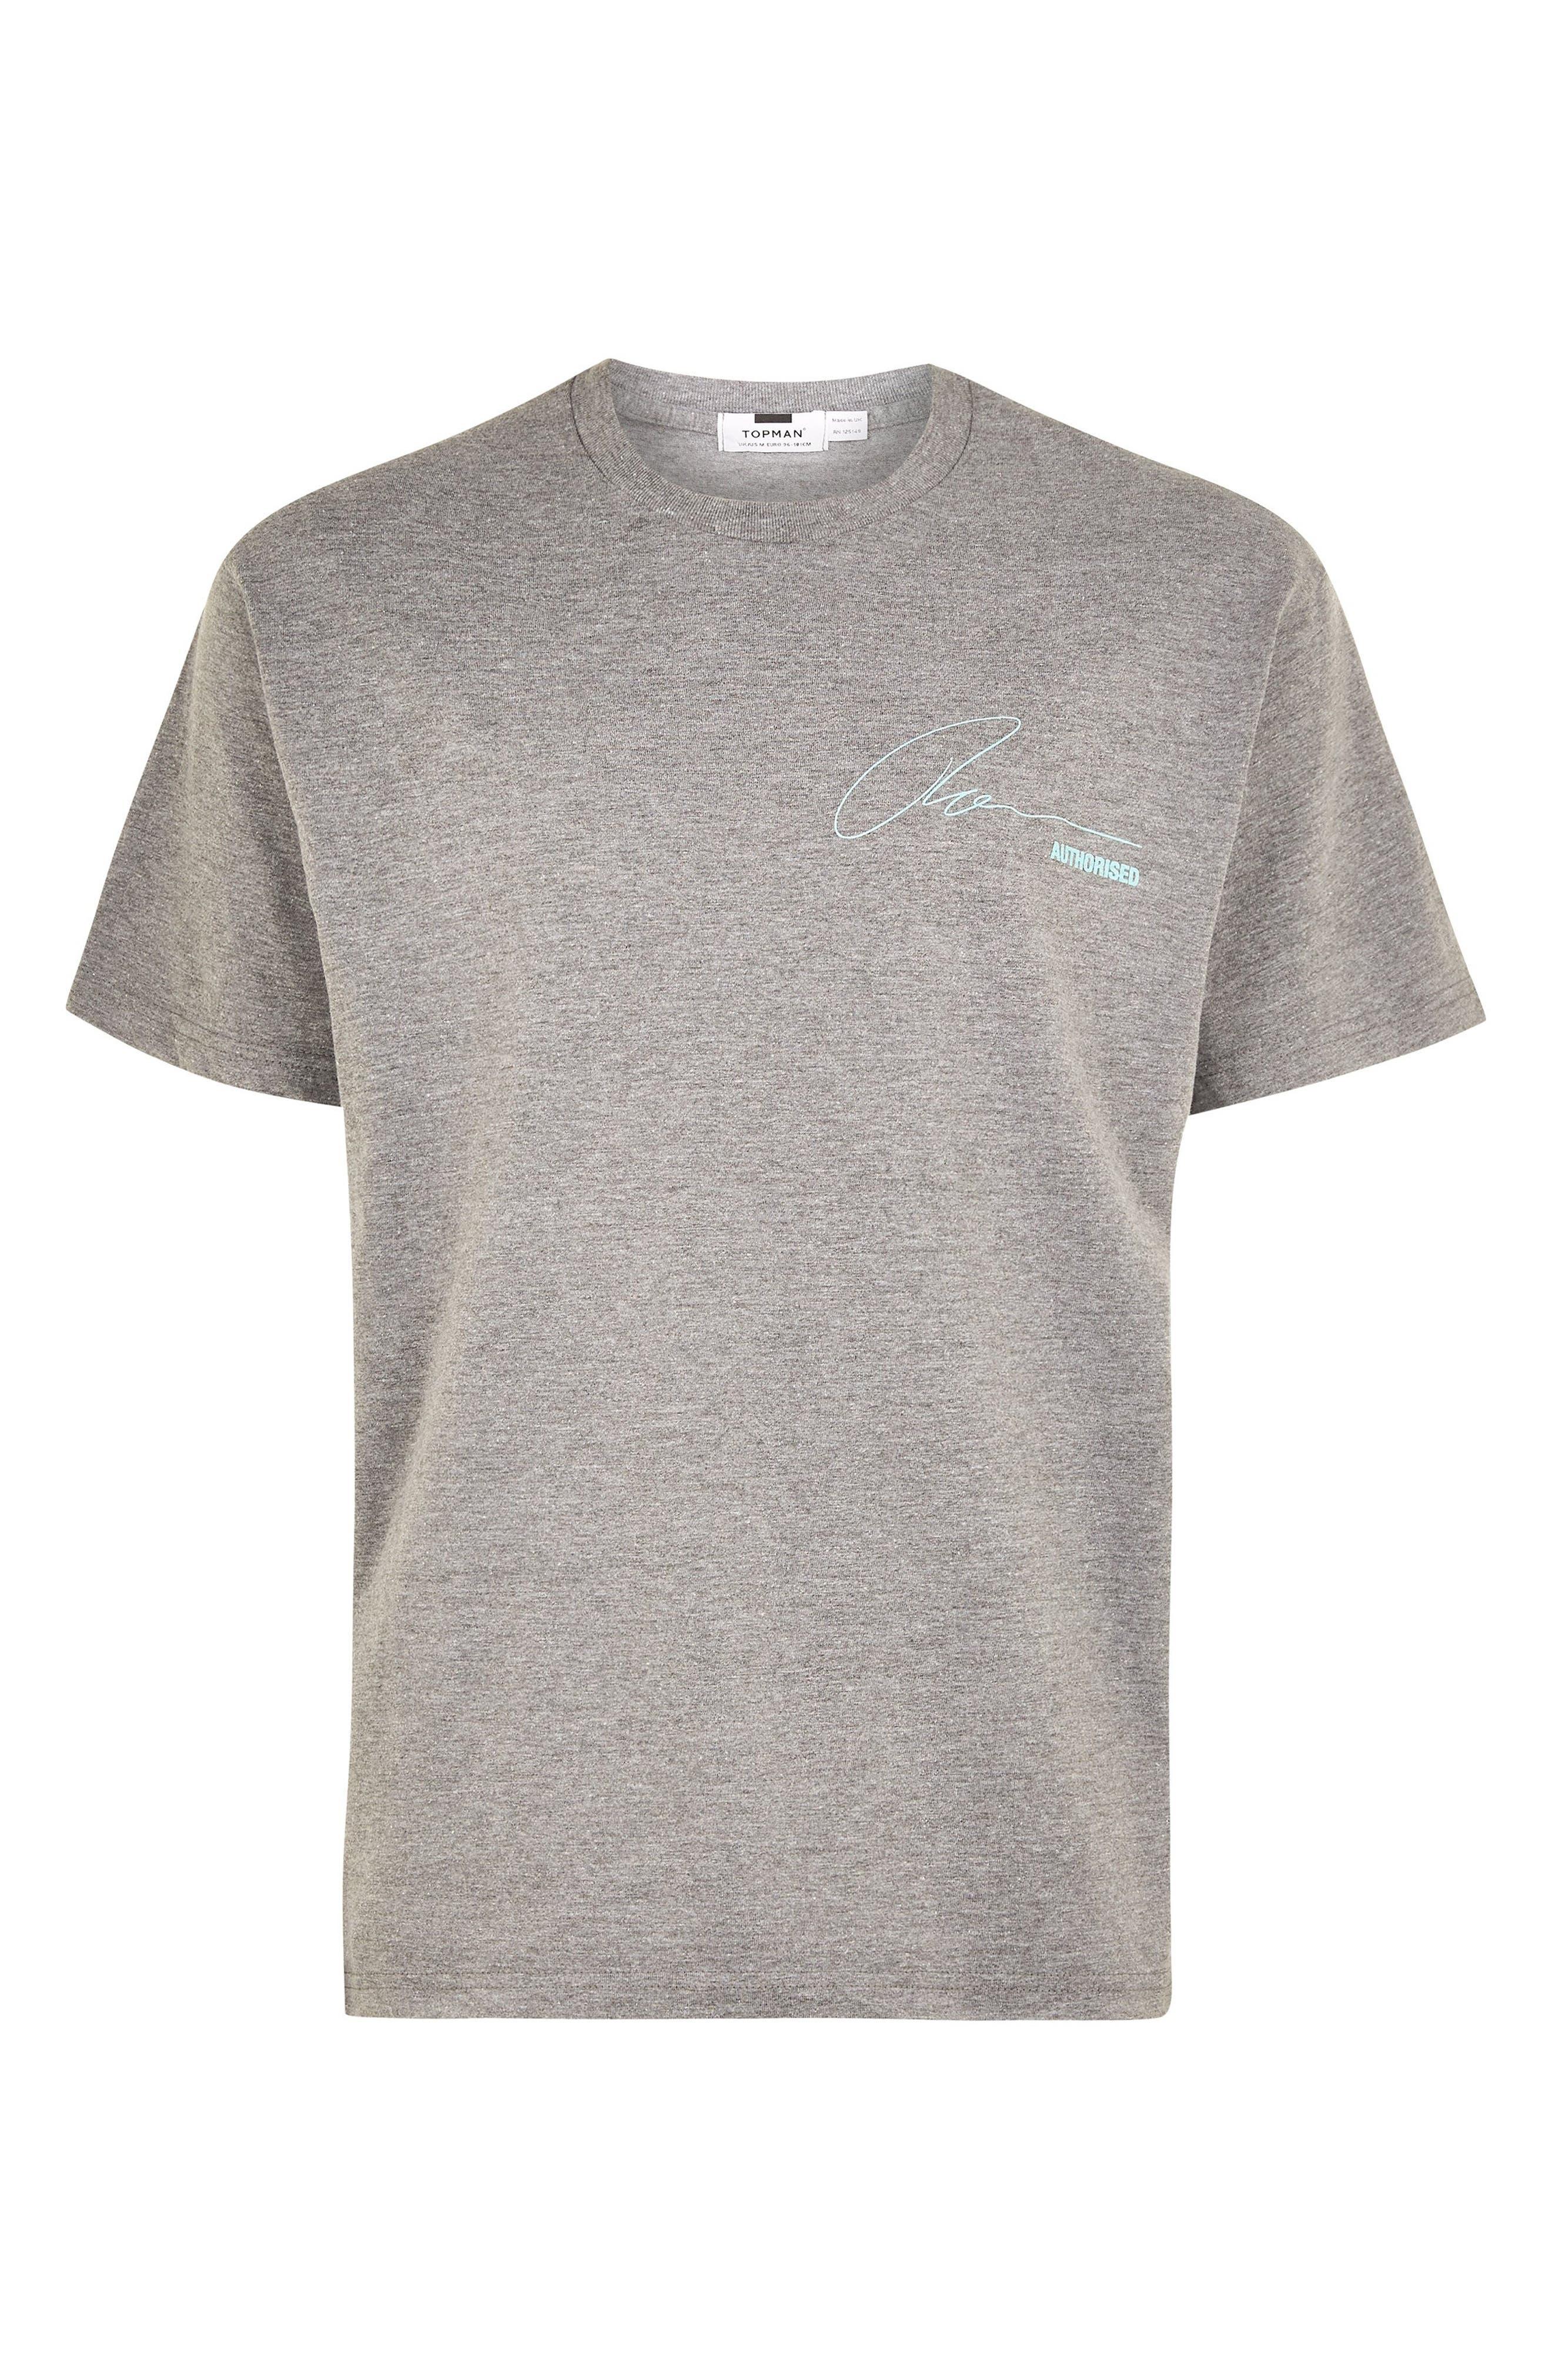 Explicit Content T-Shirt,                             Alternate thumbnail 4, color,                             GREY